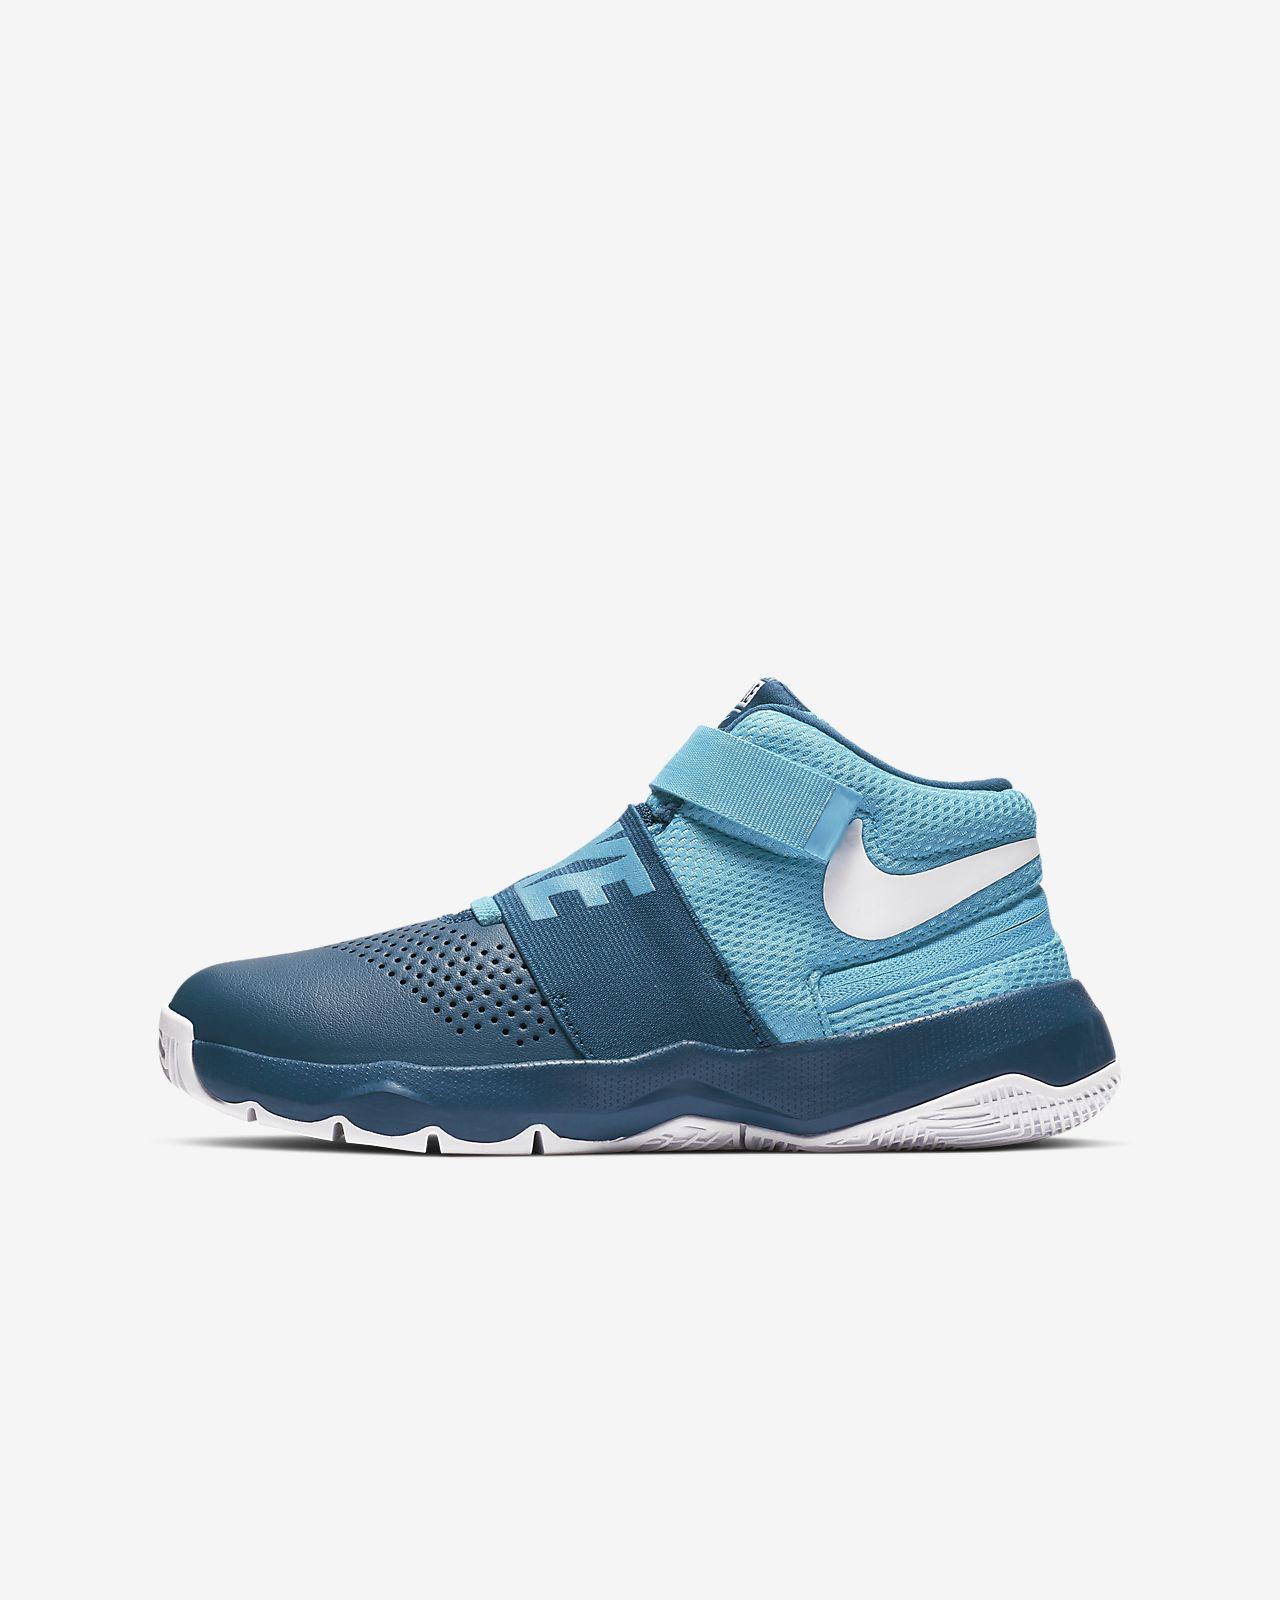 Basketbalová bota Nike Team Hustle D 8 FlyEase pro větší děti